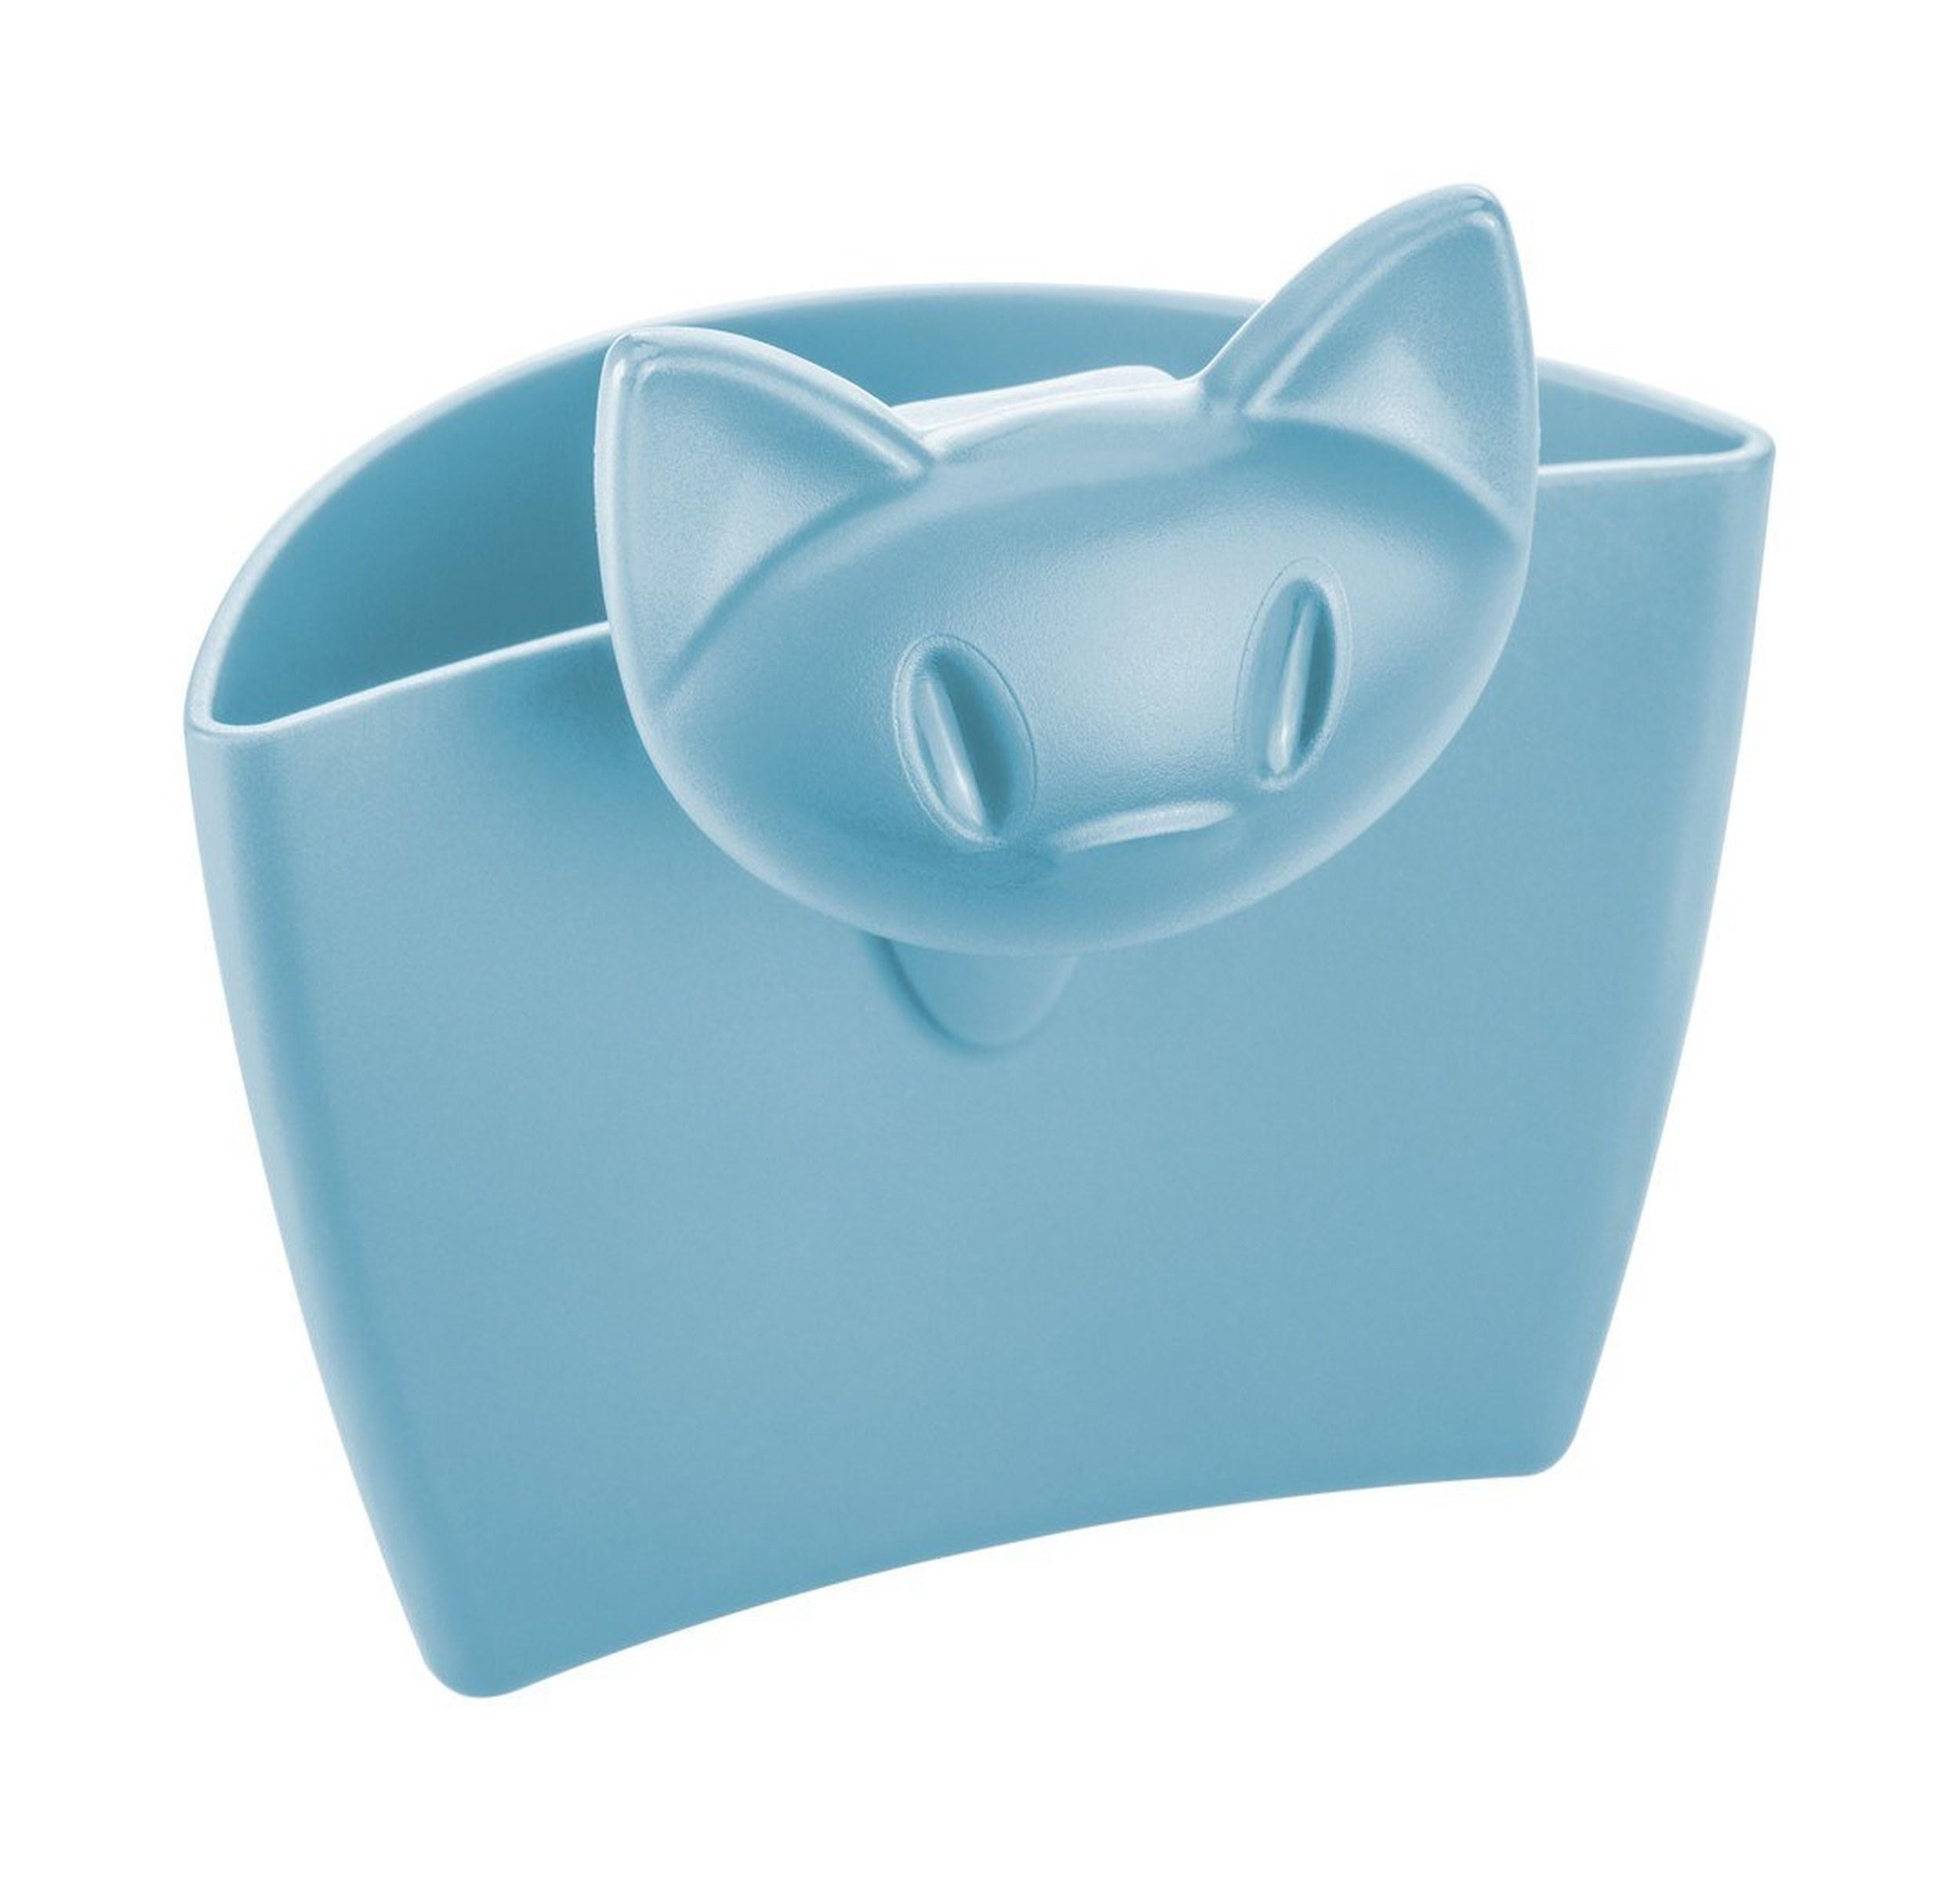 Pojemnik wielofunkcyjny na kubek Mimmi pastelowy błękit